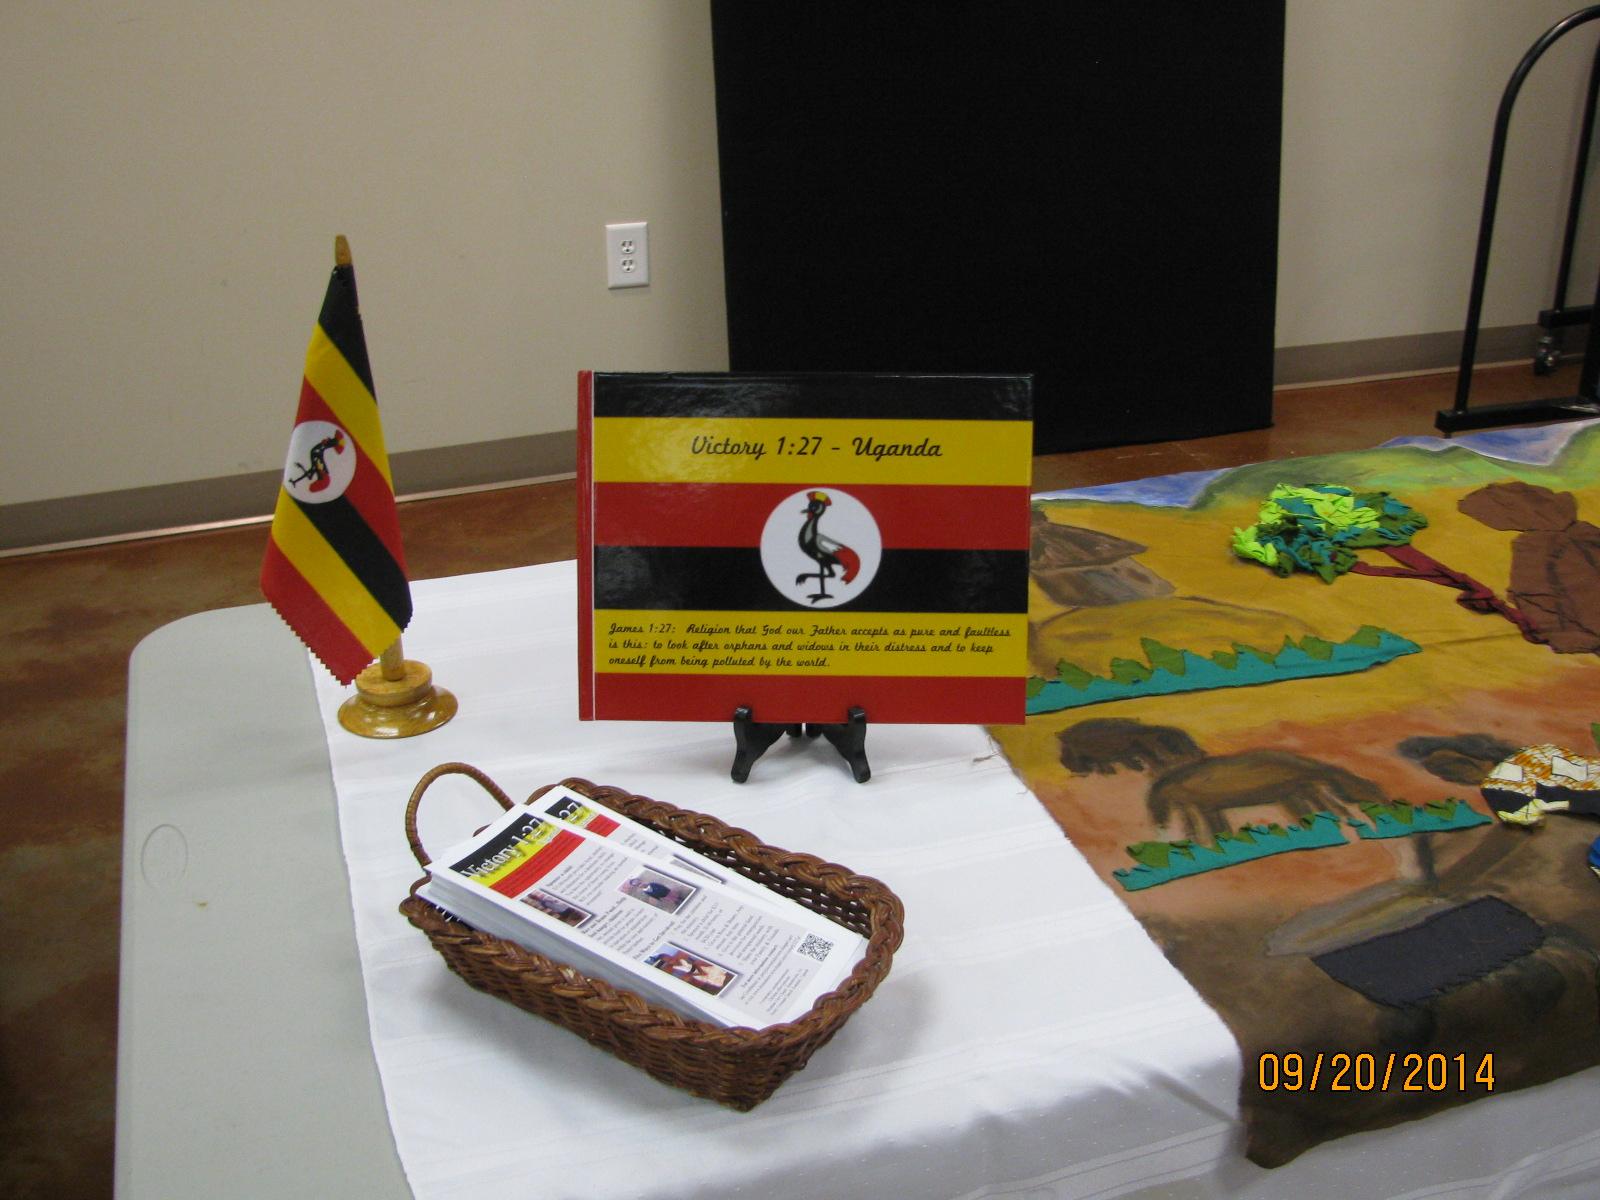 uganda focus